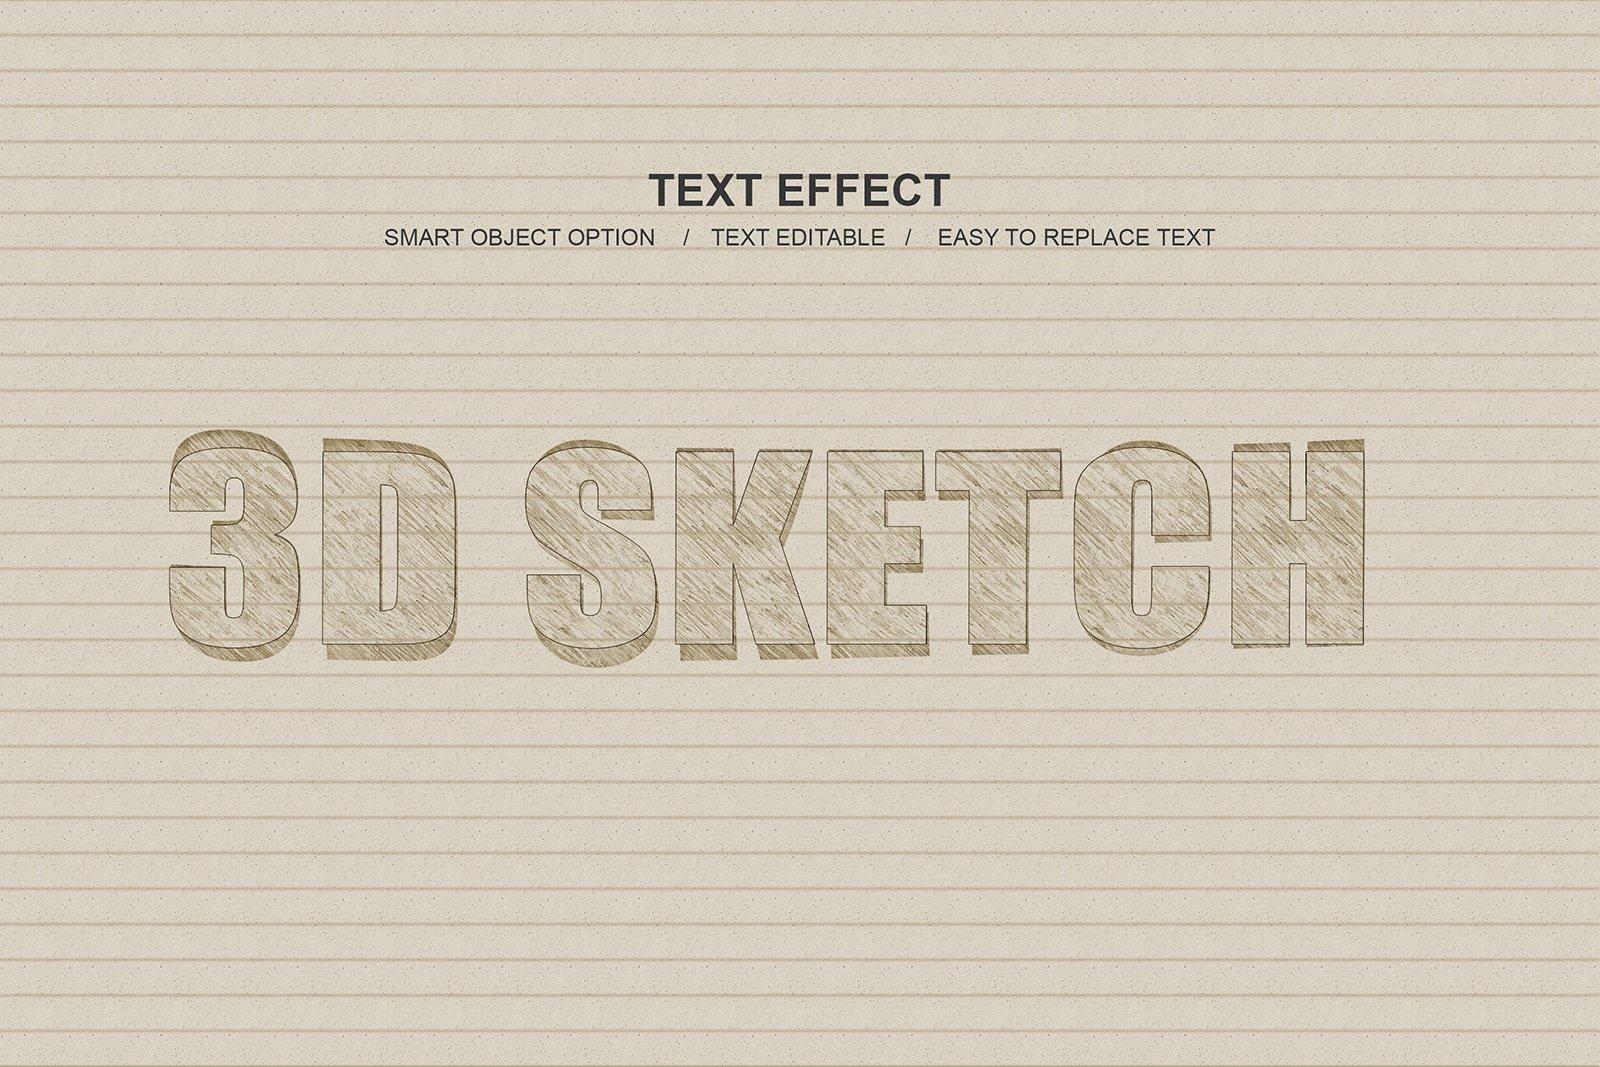 30款故障金属3D立体标题字体设计PS样式模板素材 Photoshop Layer Style Bundle插图(9)